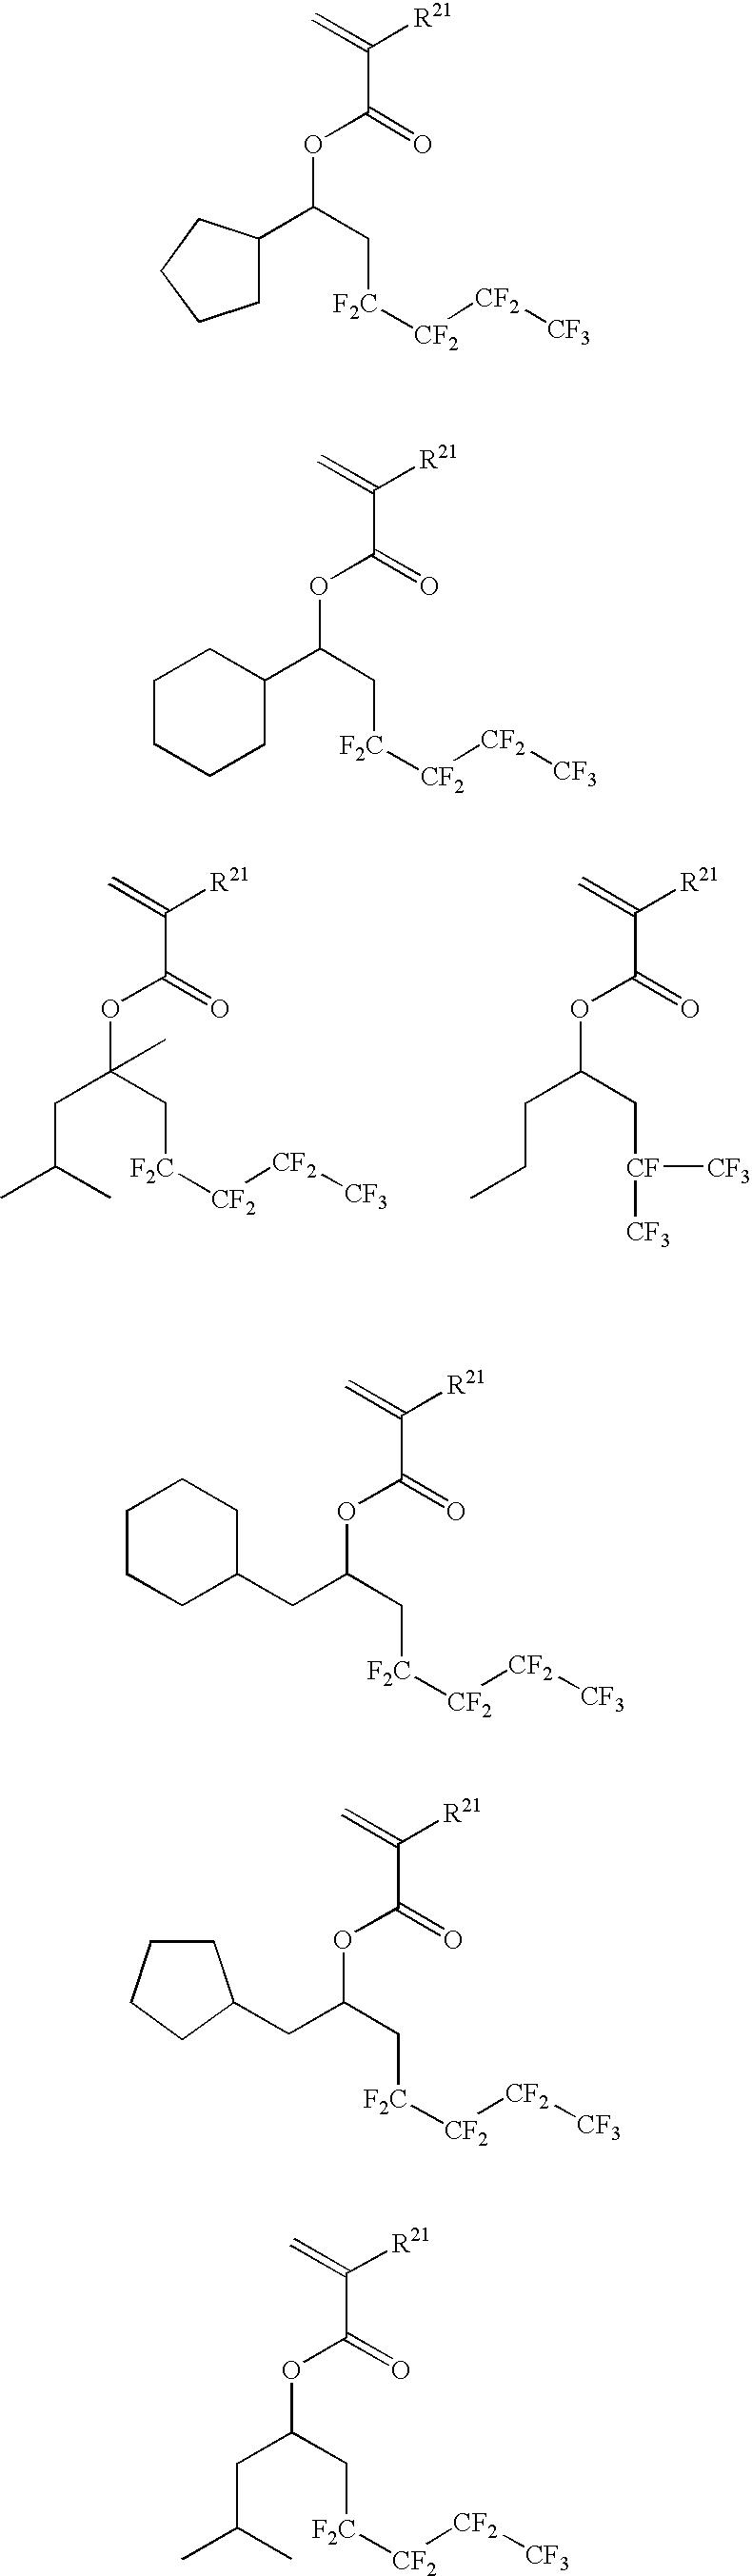 Figure US20100178617A1-20100715-C00067